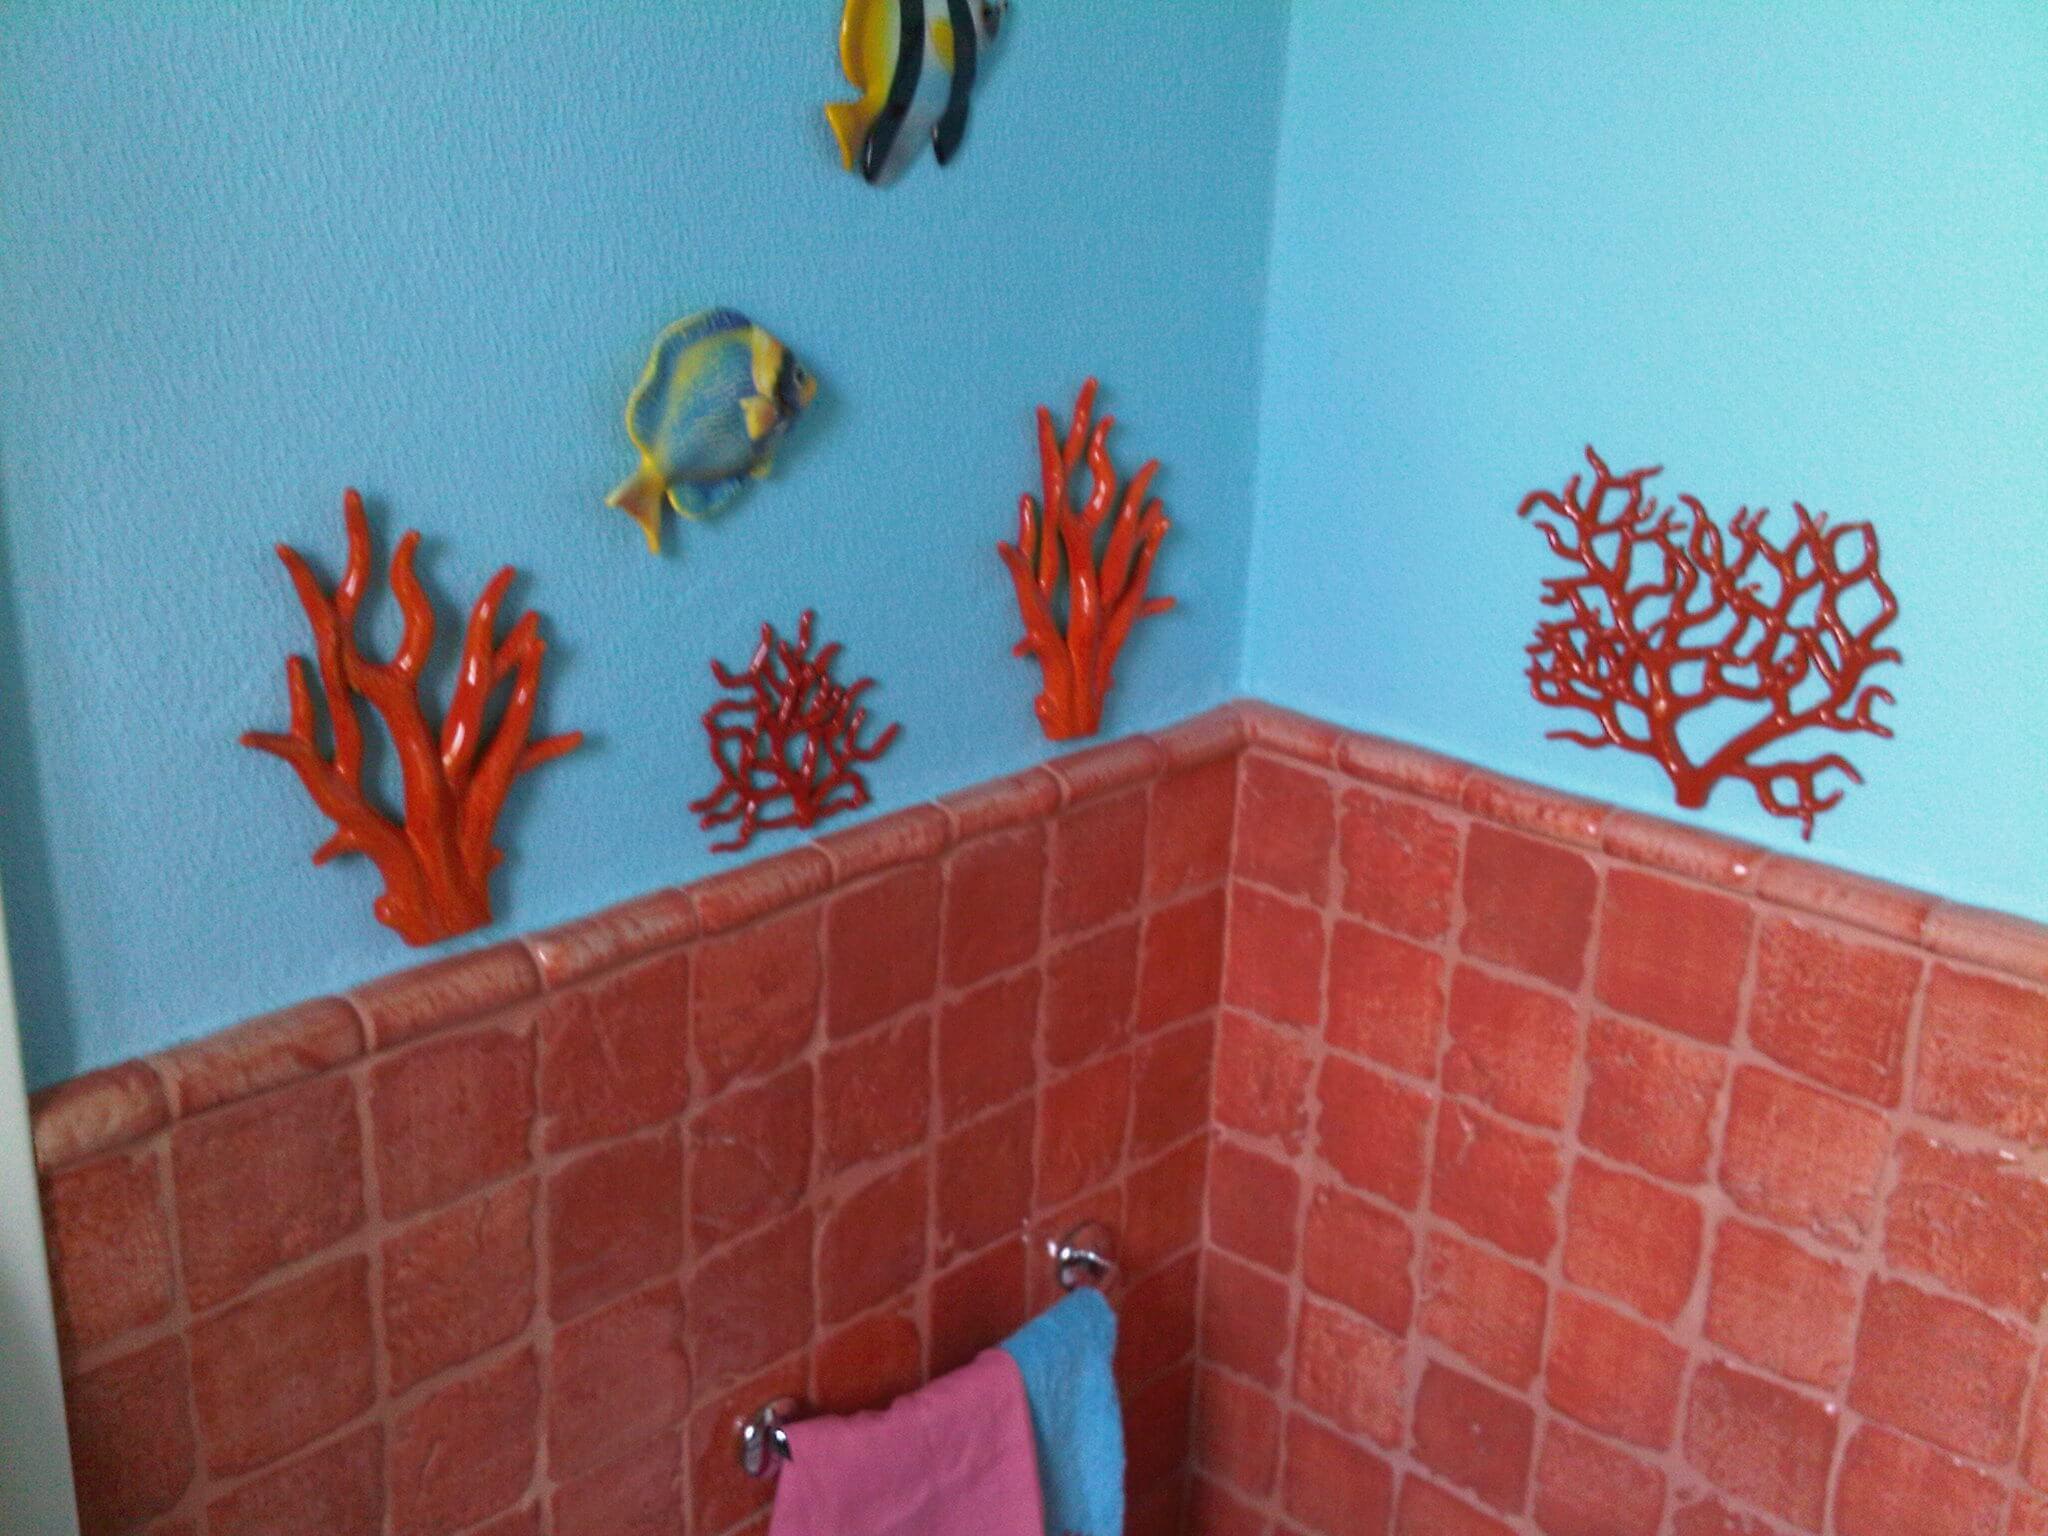 muro azzurro con piastrelle rosso mattone e decorazioni marine